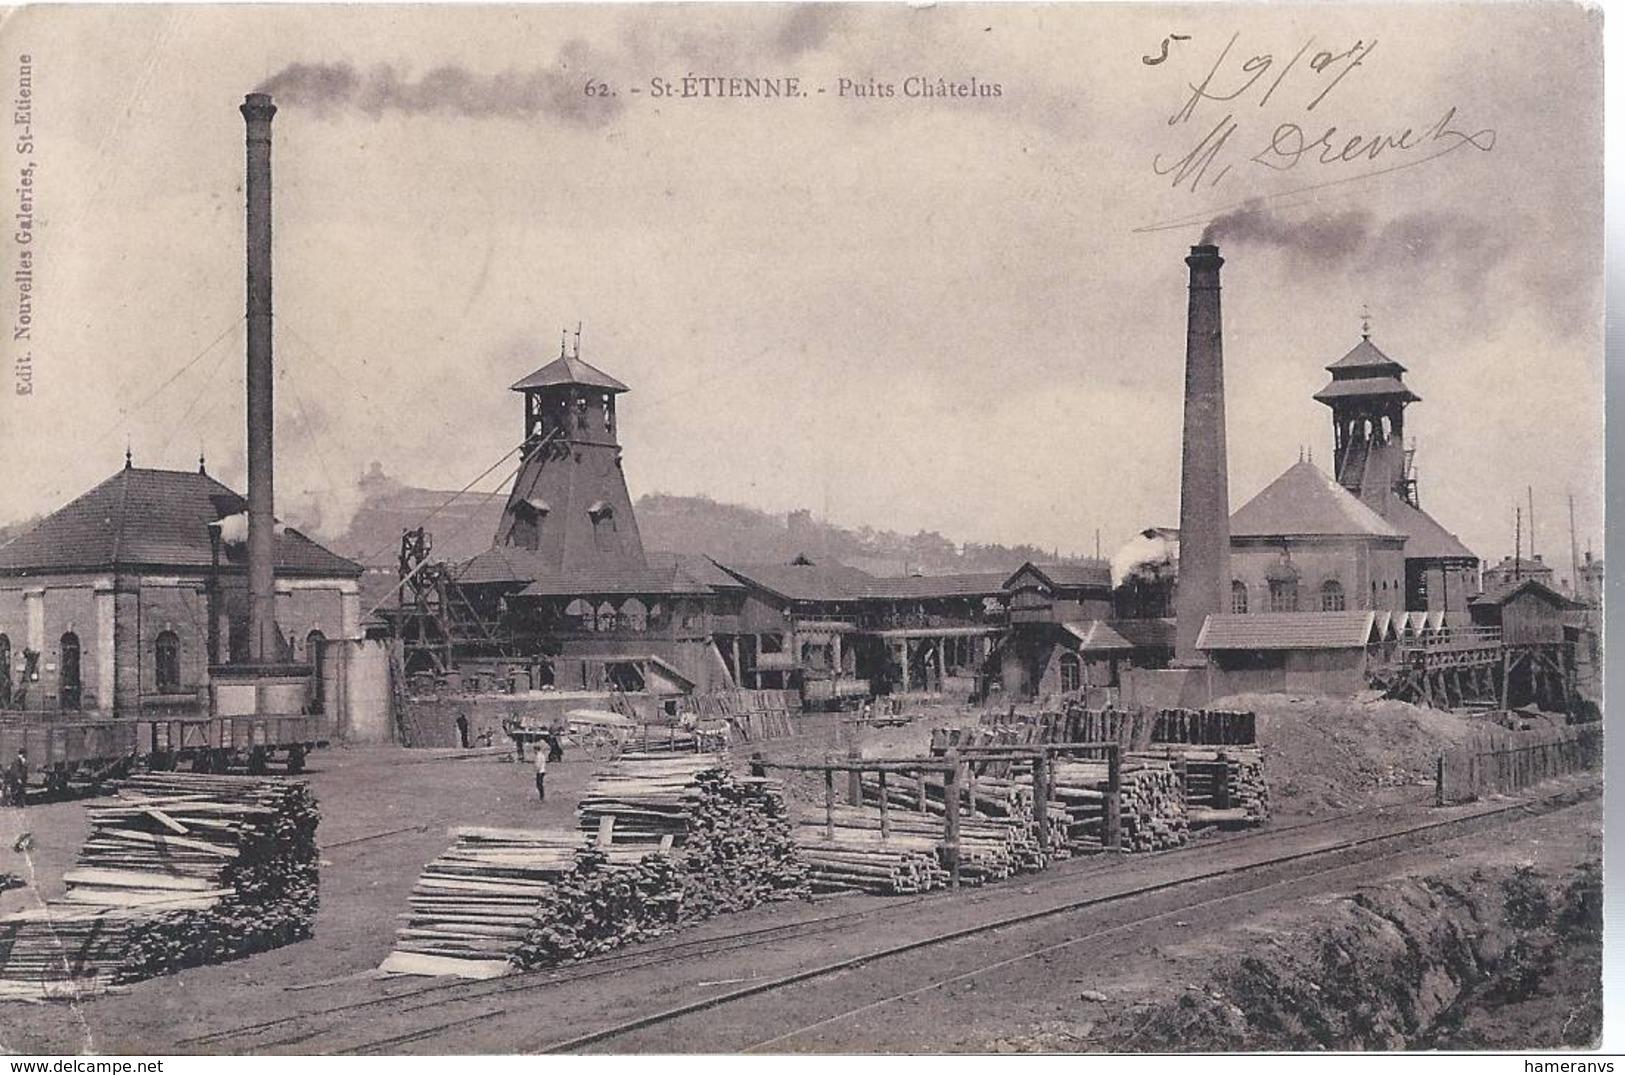 Saint Etienne - Puits Chatelus - HP1861 - Saint Etienne